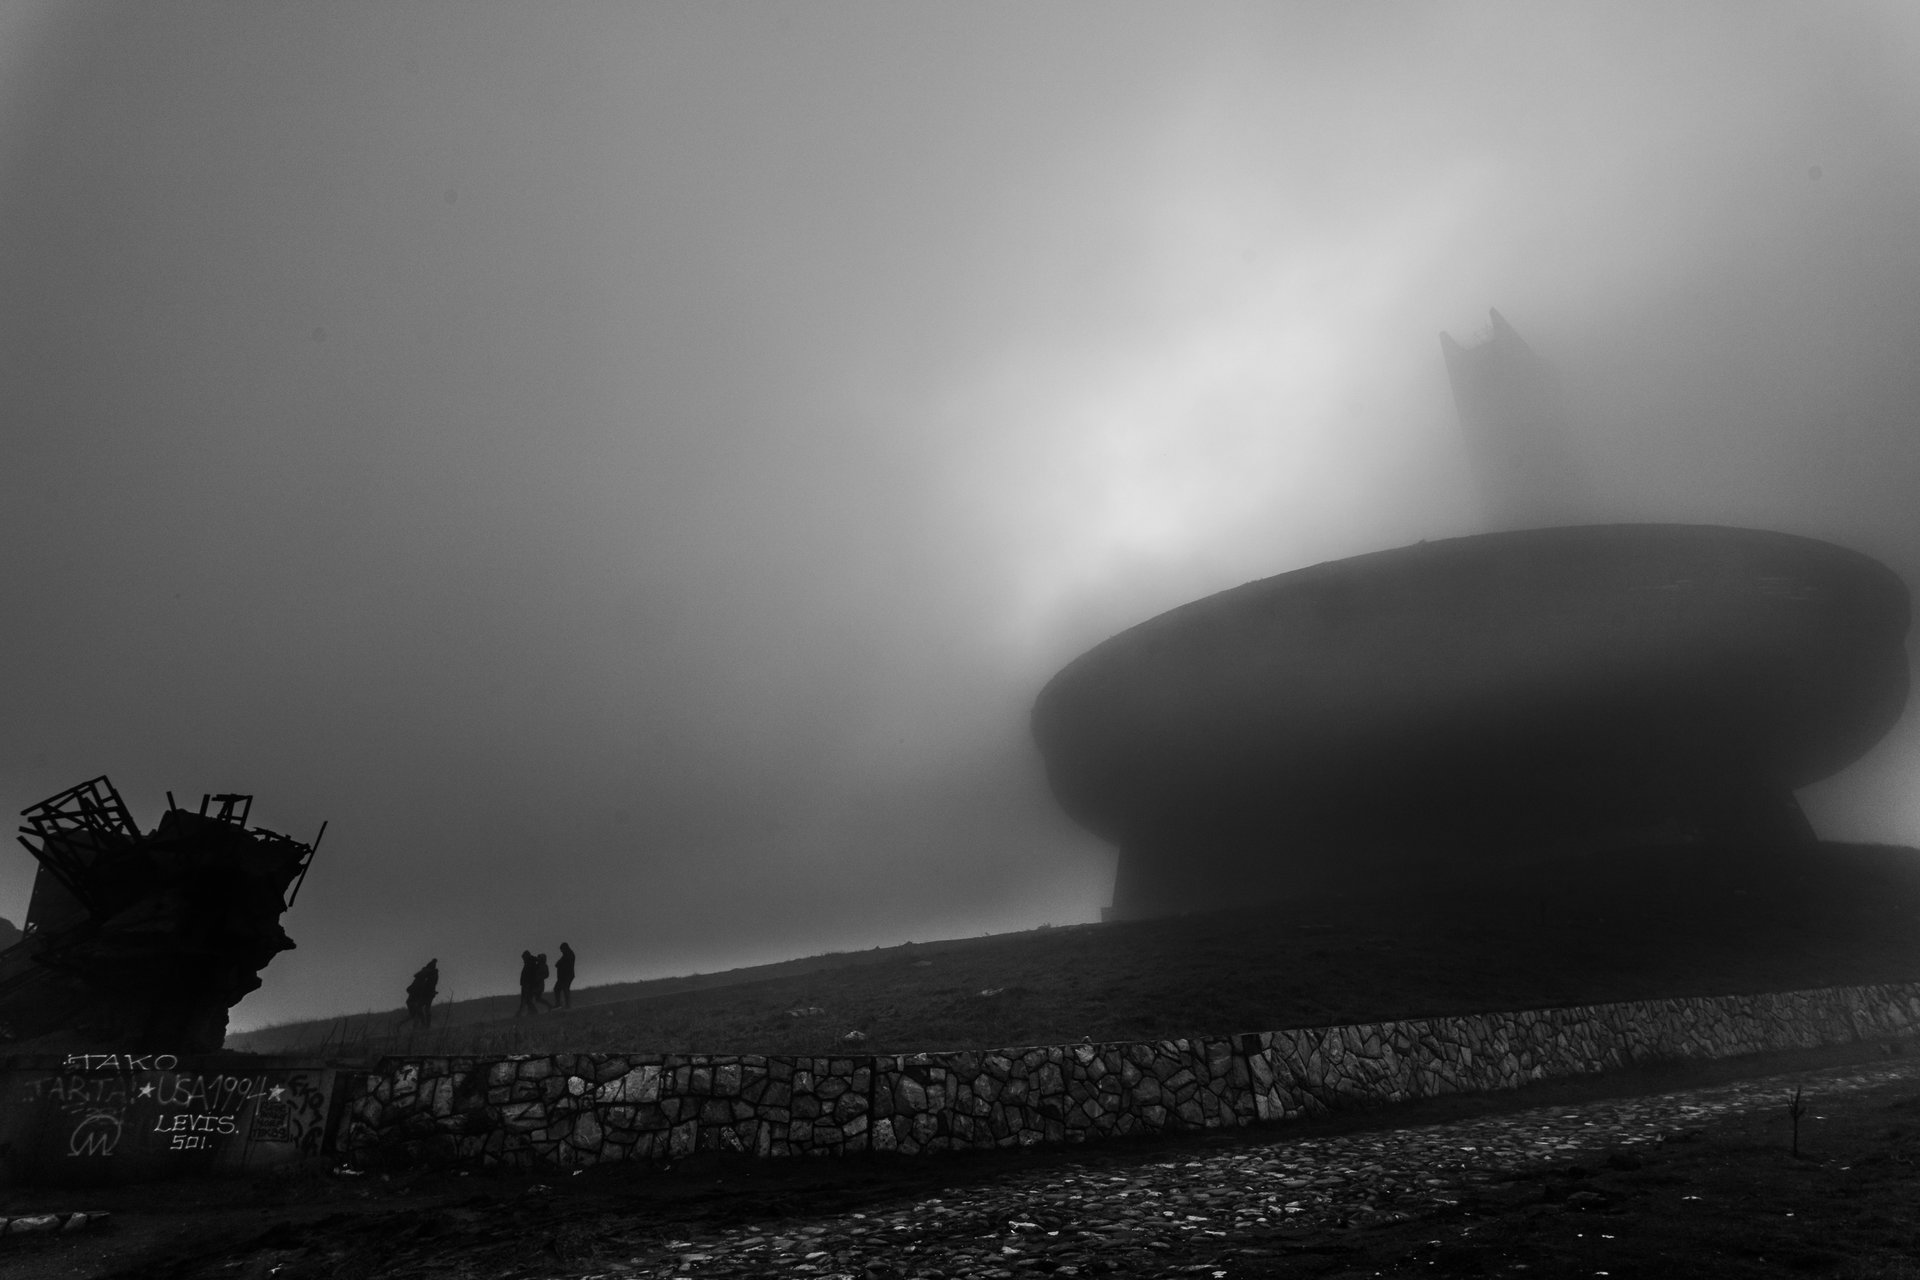 Ghost | Author Dimitar_uz | PHOTO FORUM